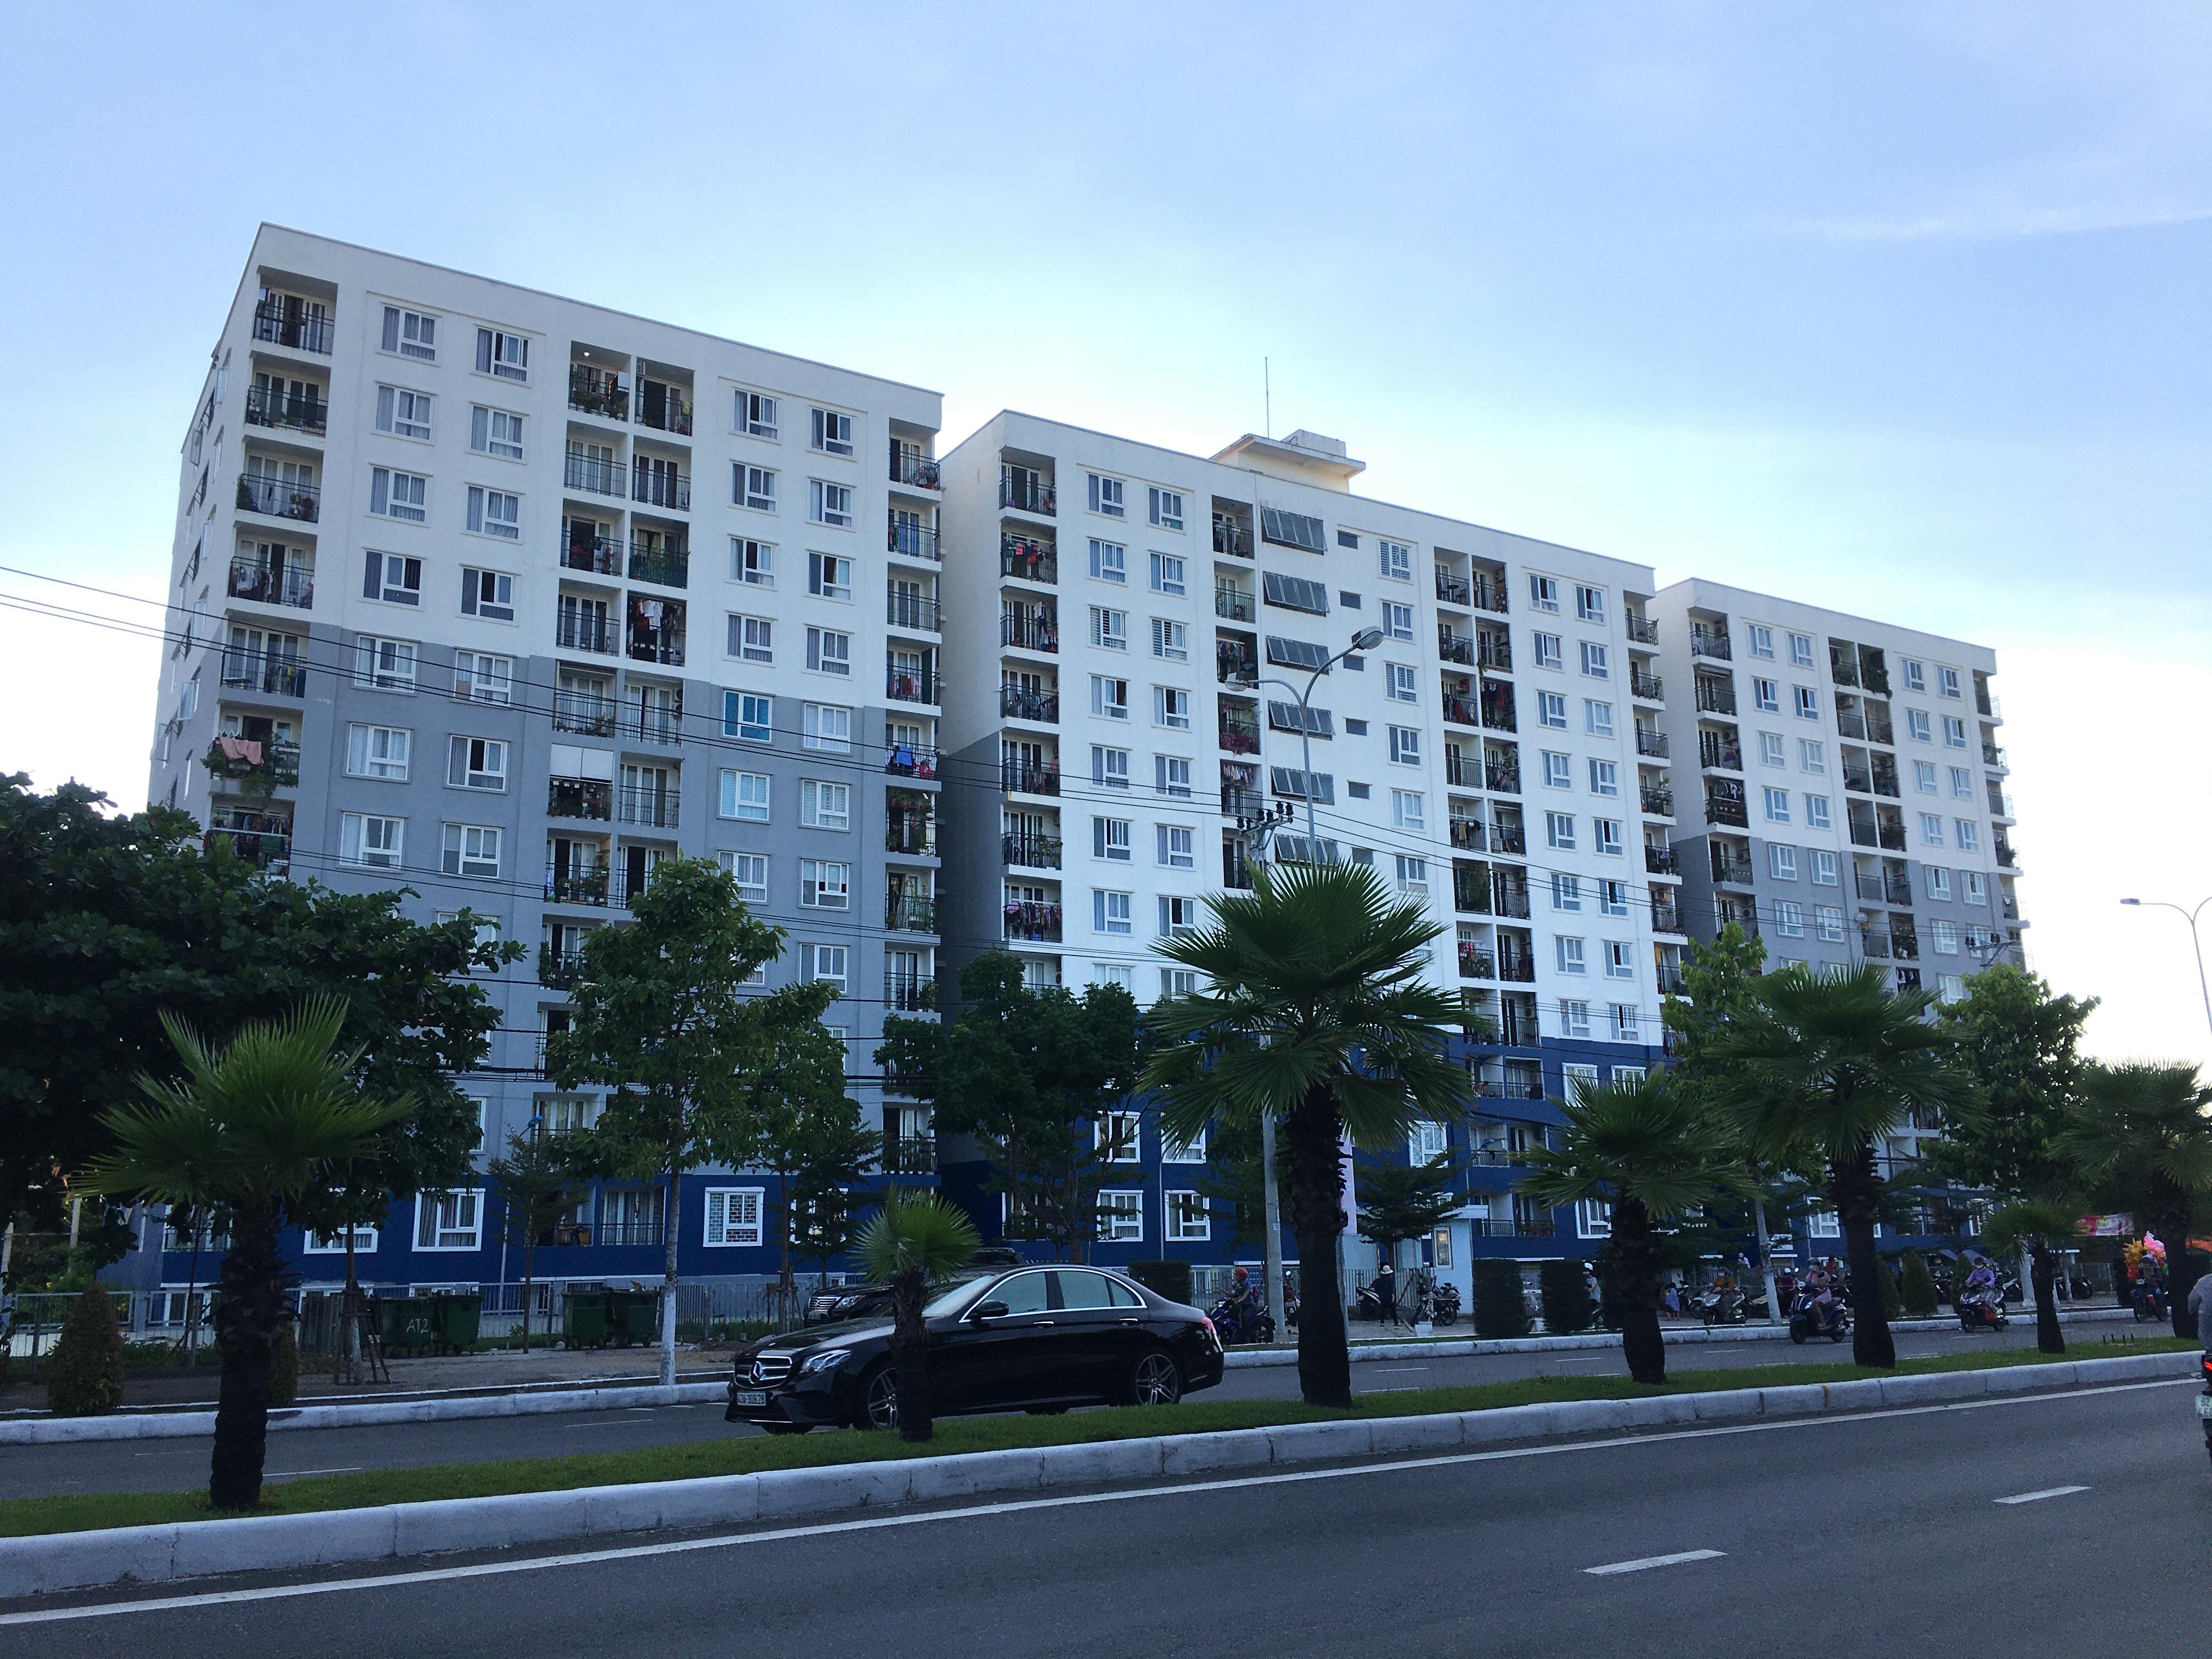 Đà Nẵng: 134 trường hợp sở hữu nhà hoặc hai lô đất chưa trả lại nhà ở xã hội - Ảnh 1.